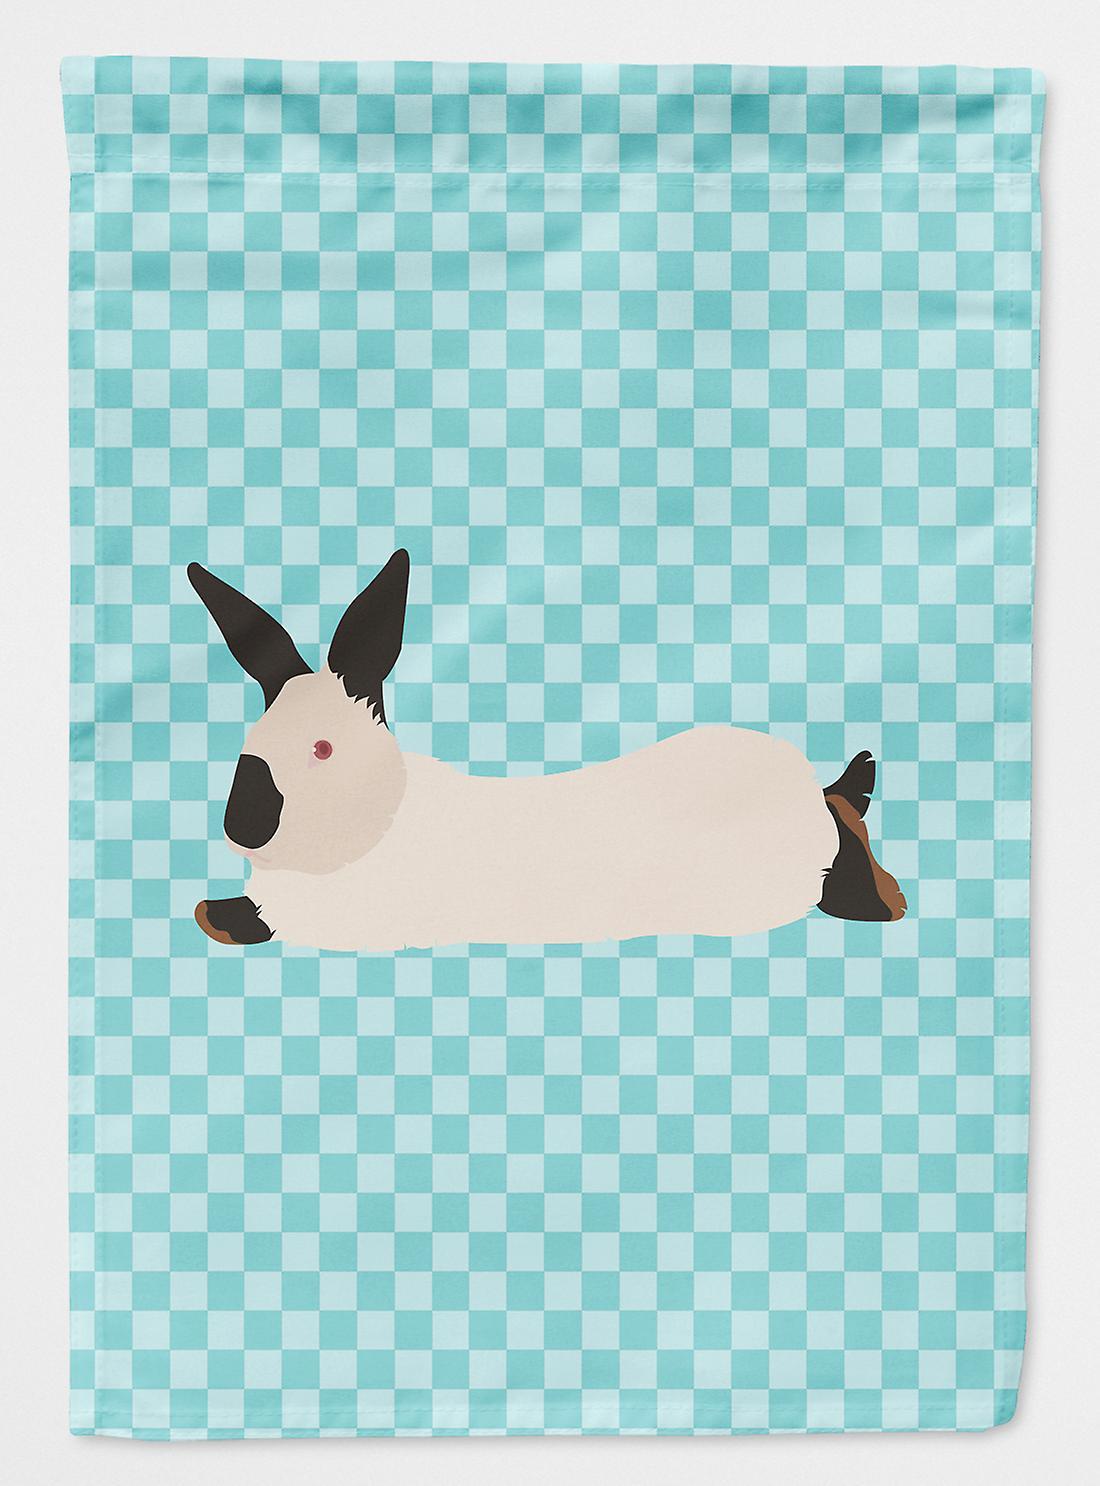 Californie lapin blanc Check bleu drapeau Taille maison du canevas